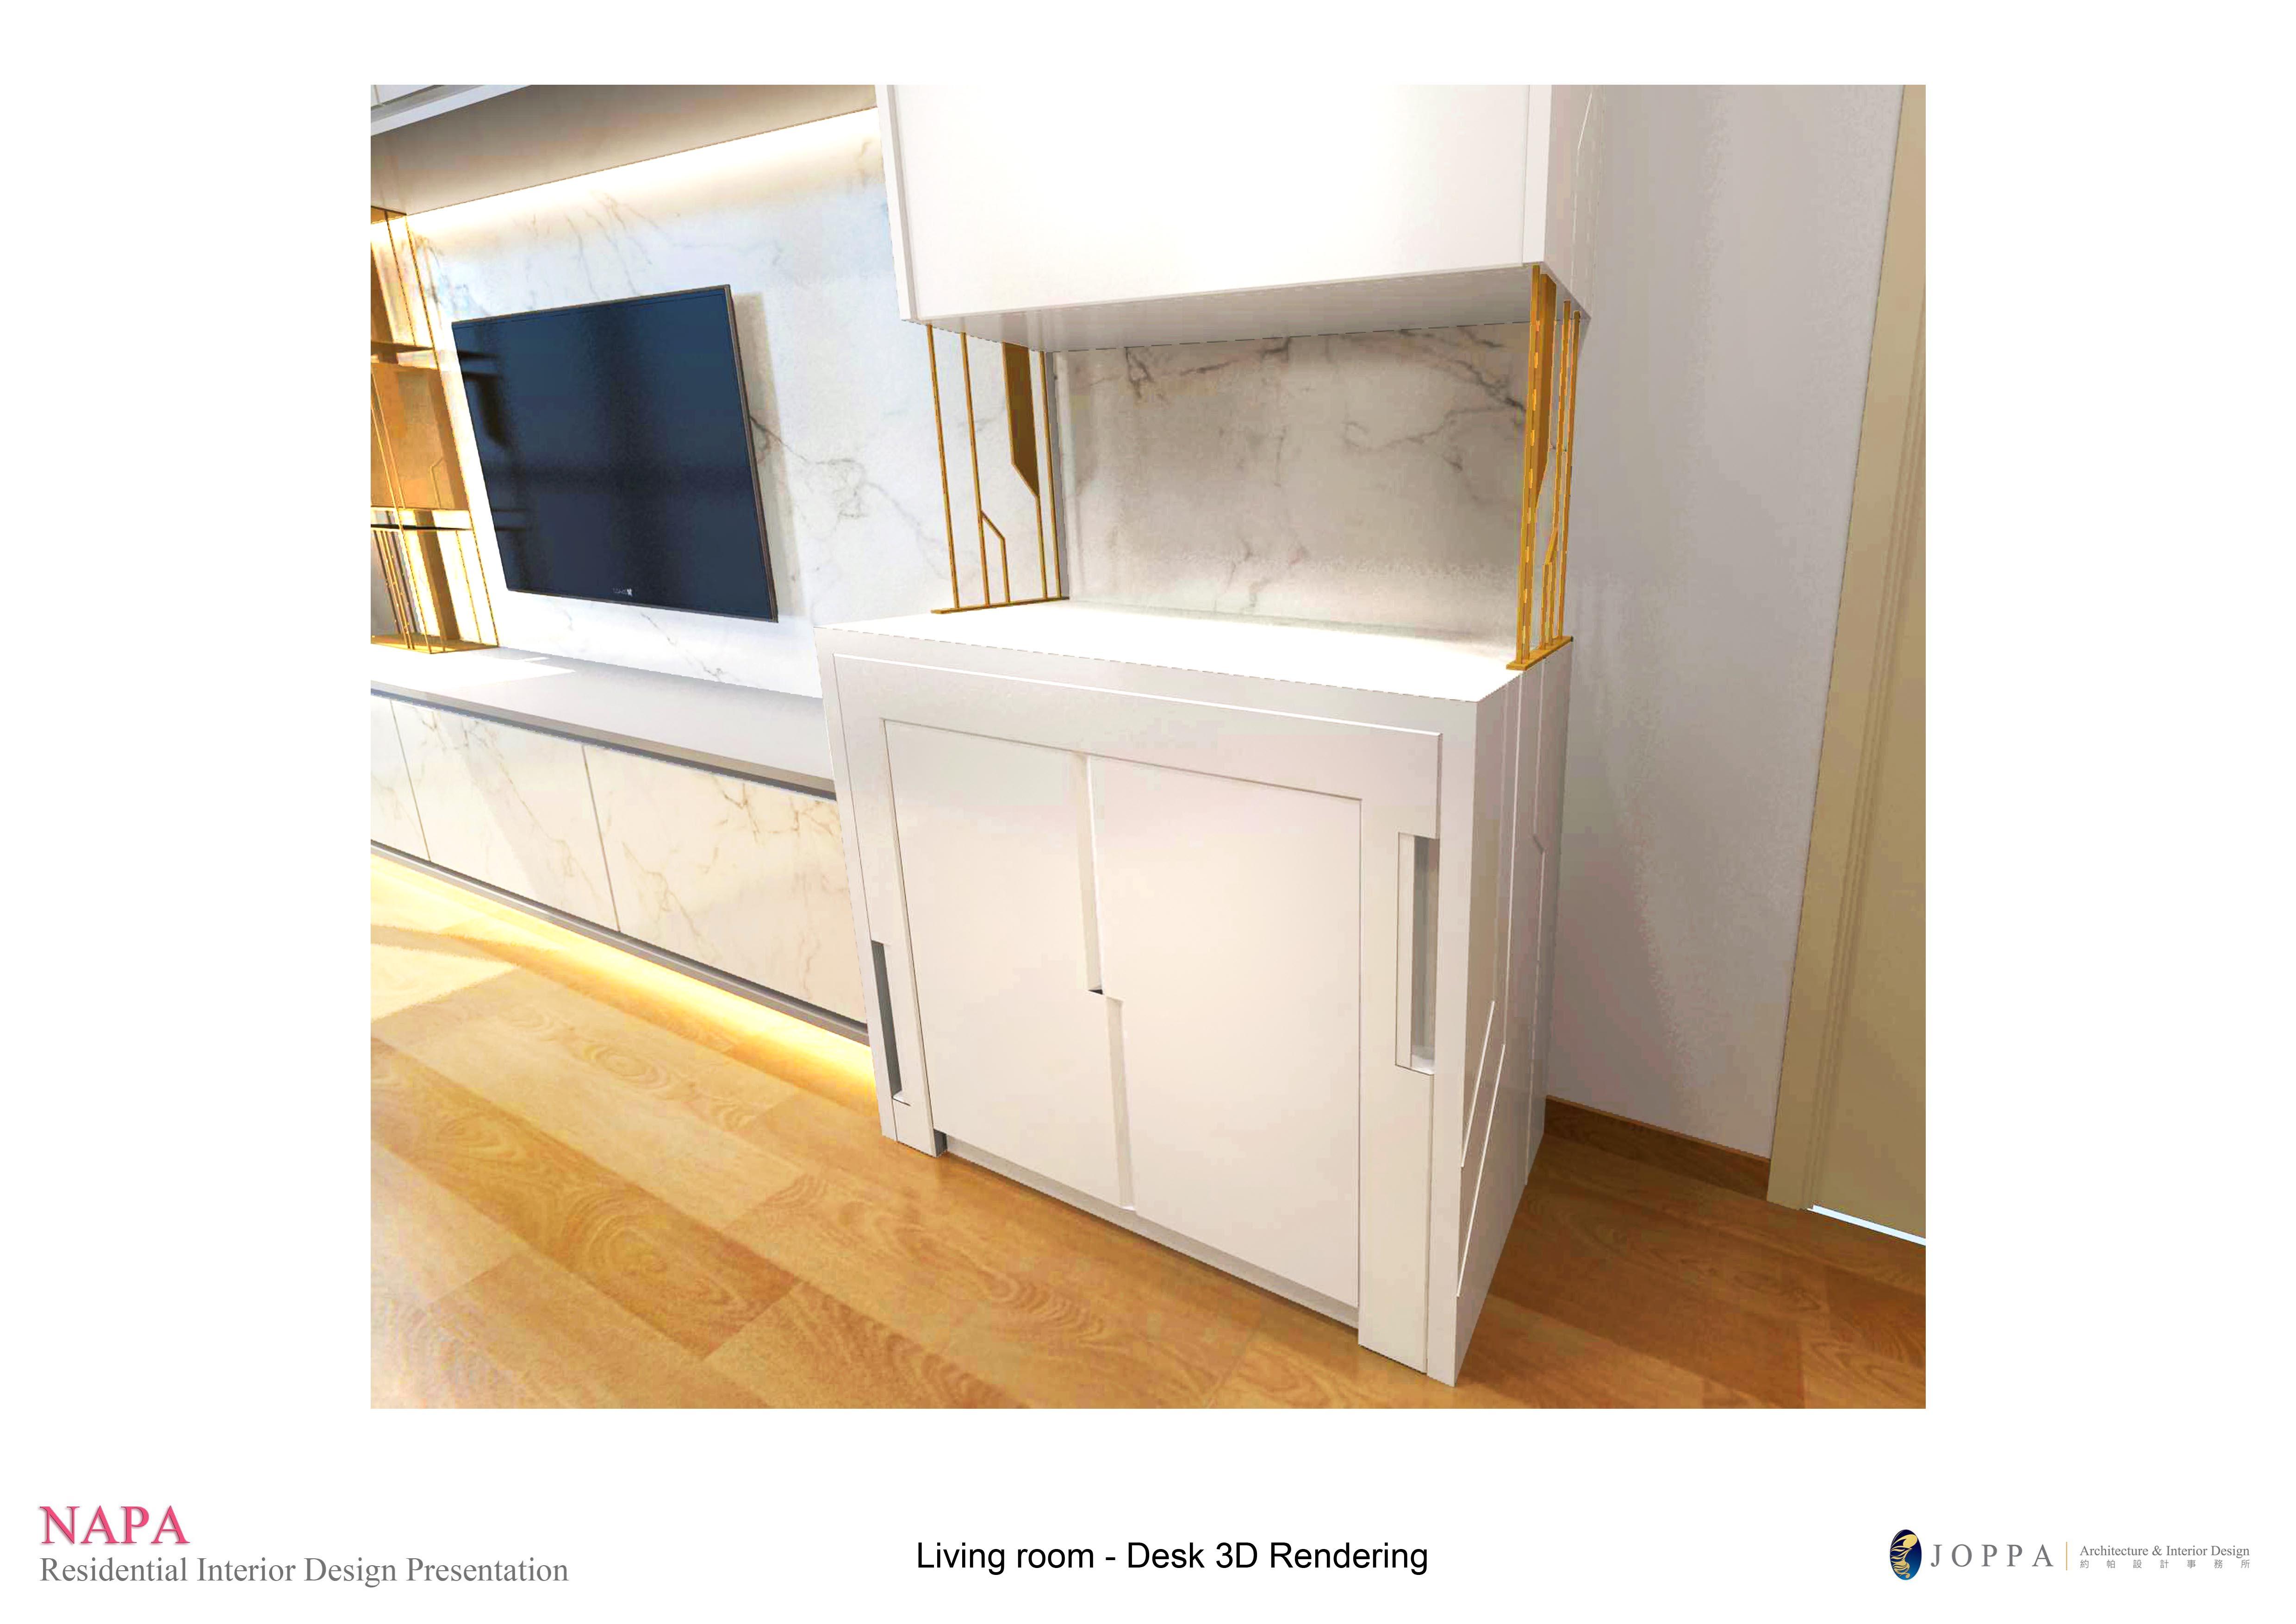 Living room - Desk